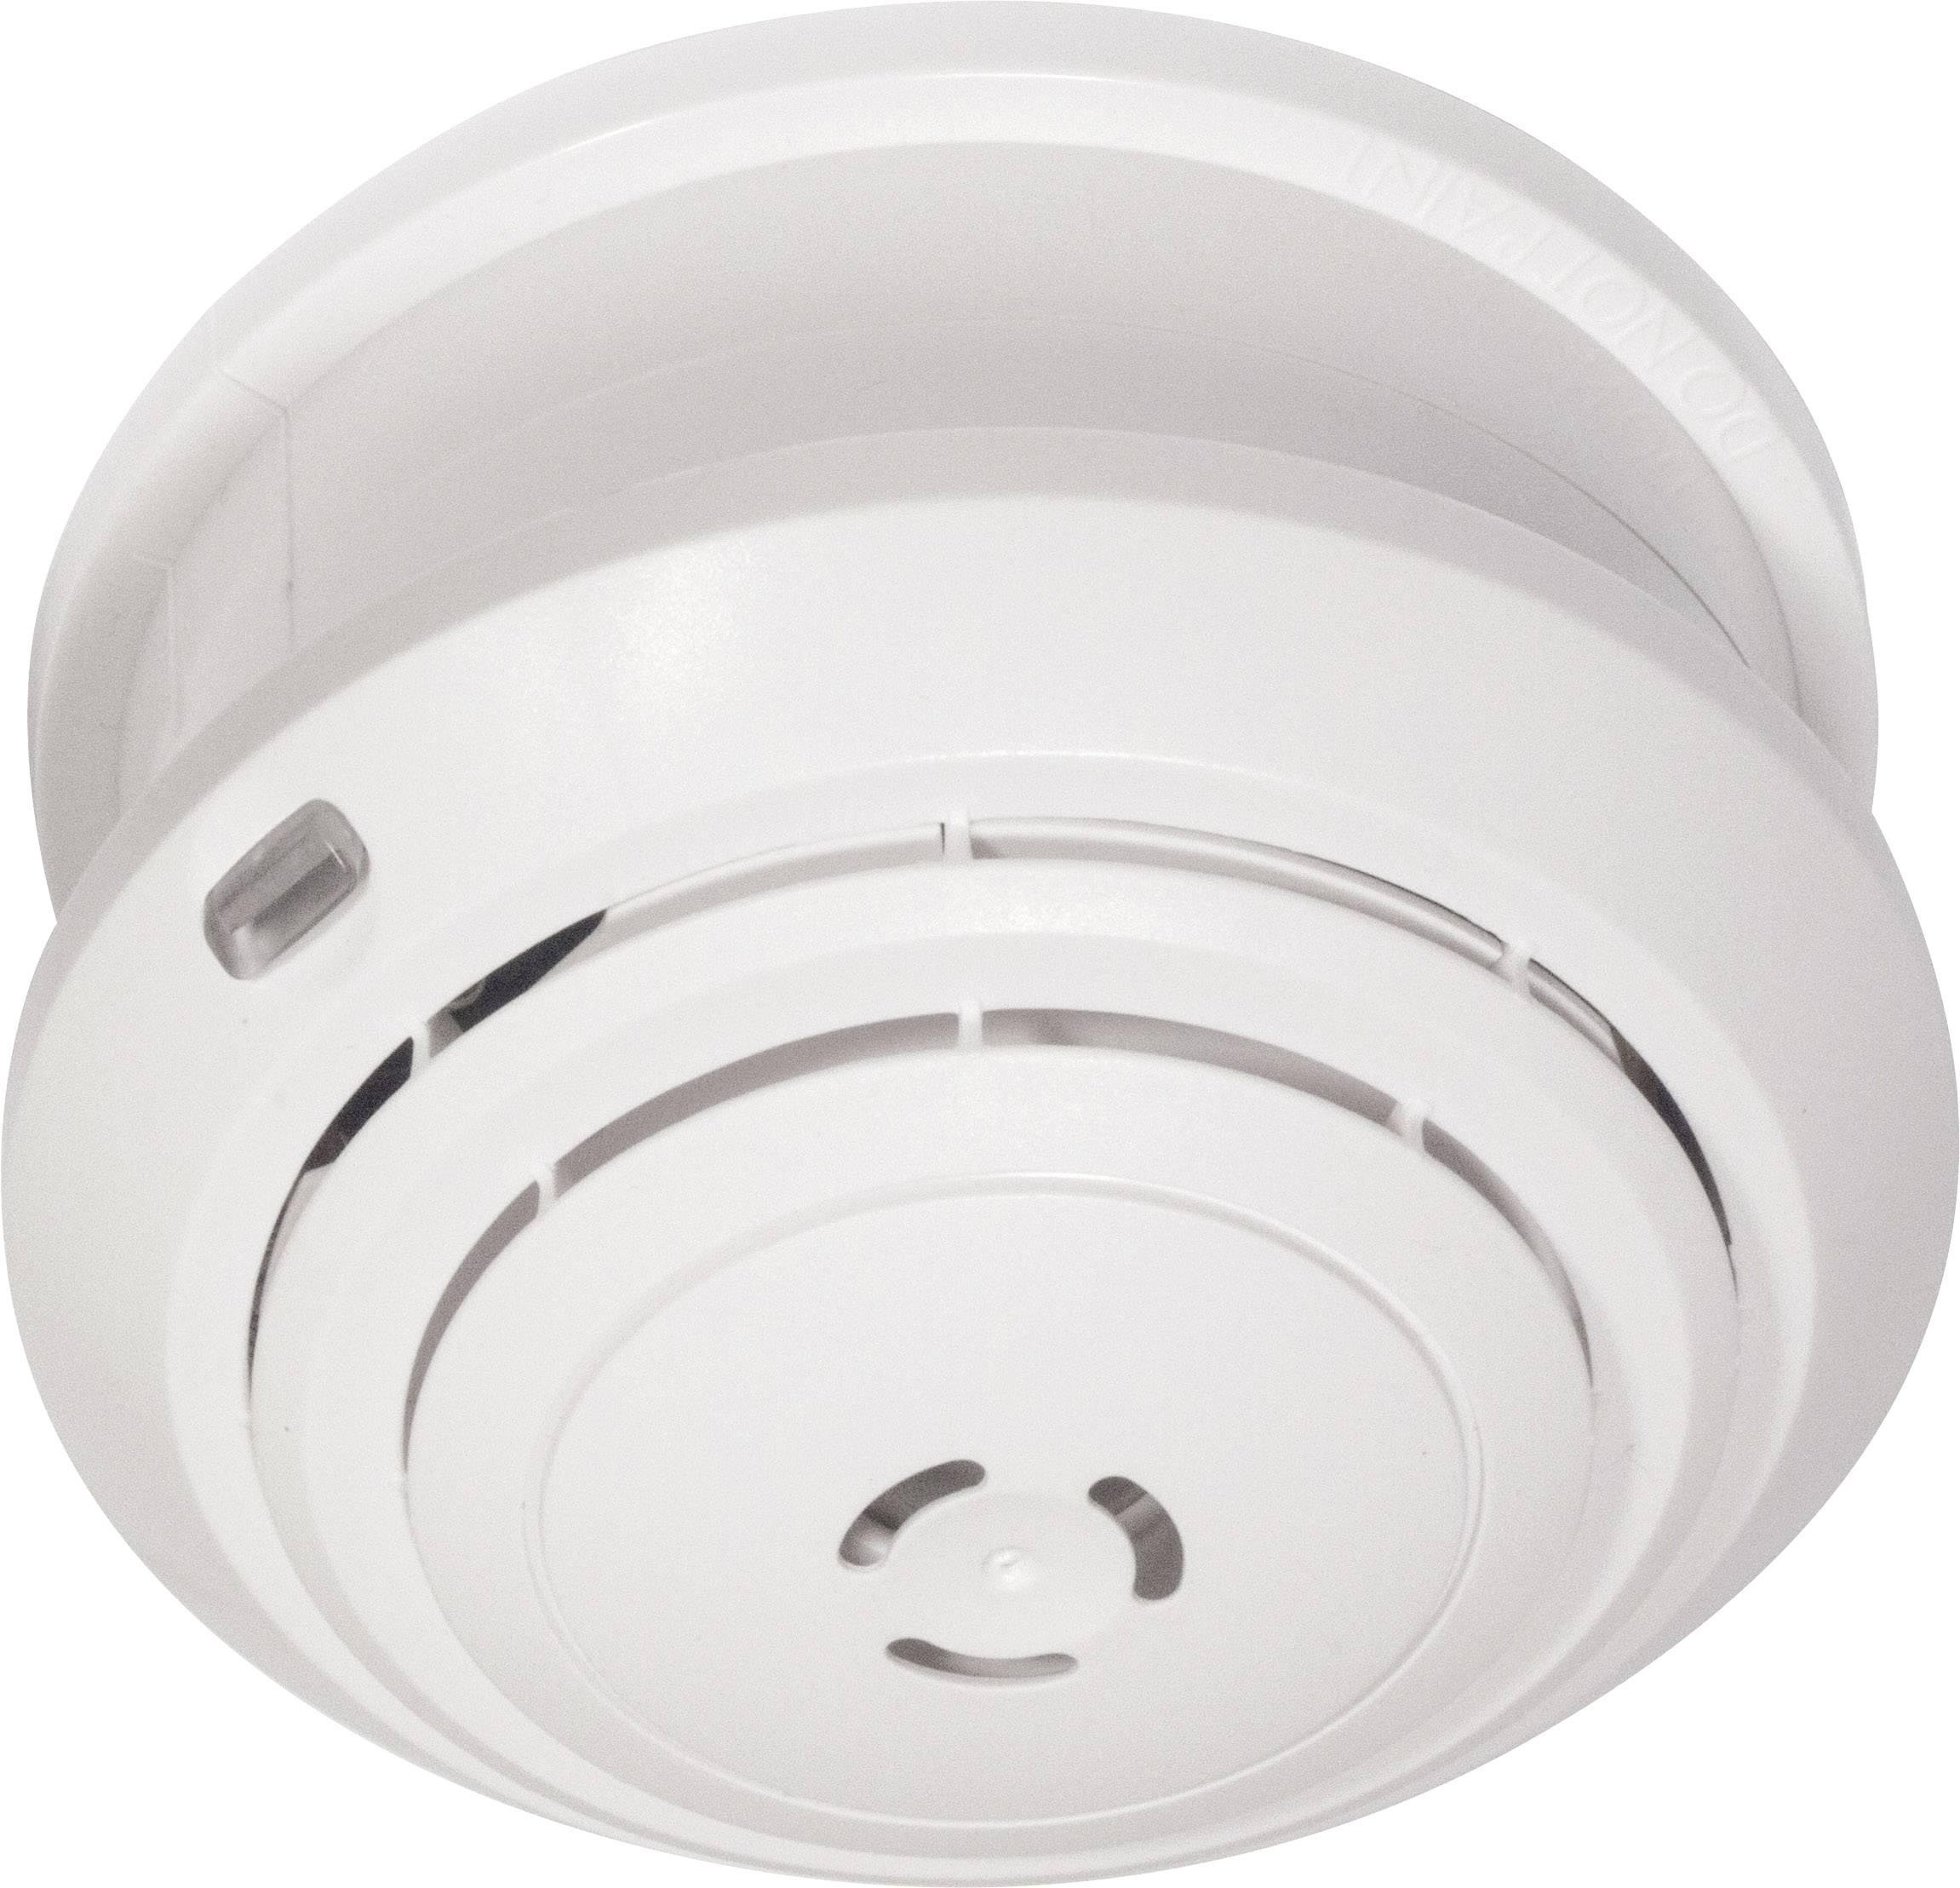 Bezdrôtový detektor dymu WR Rademacher DuoFern DuoFern 9481 32001664